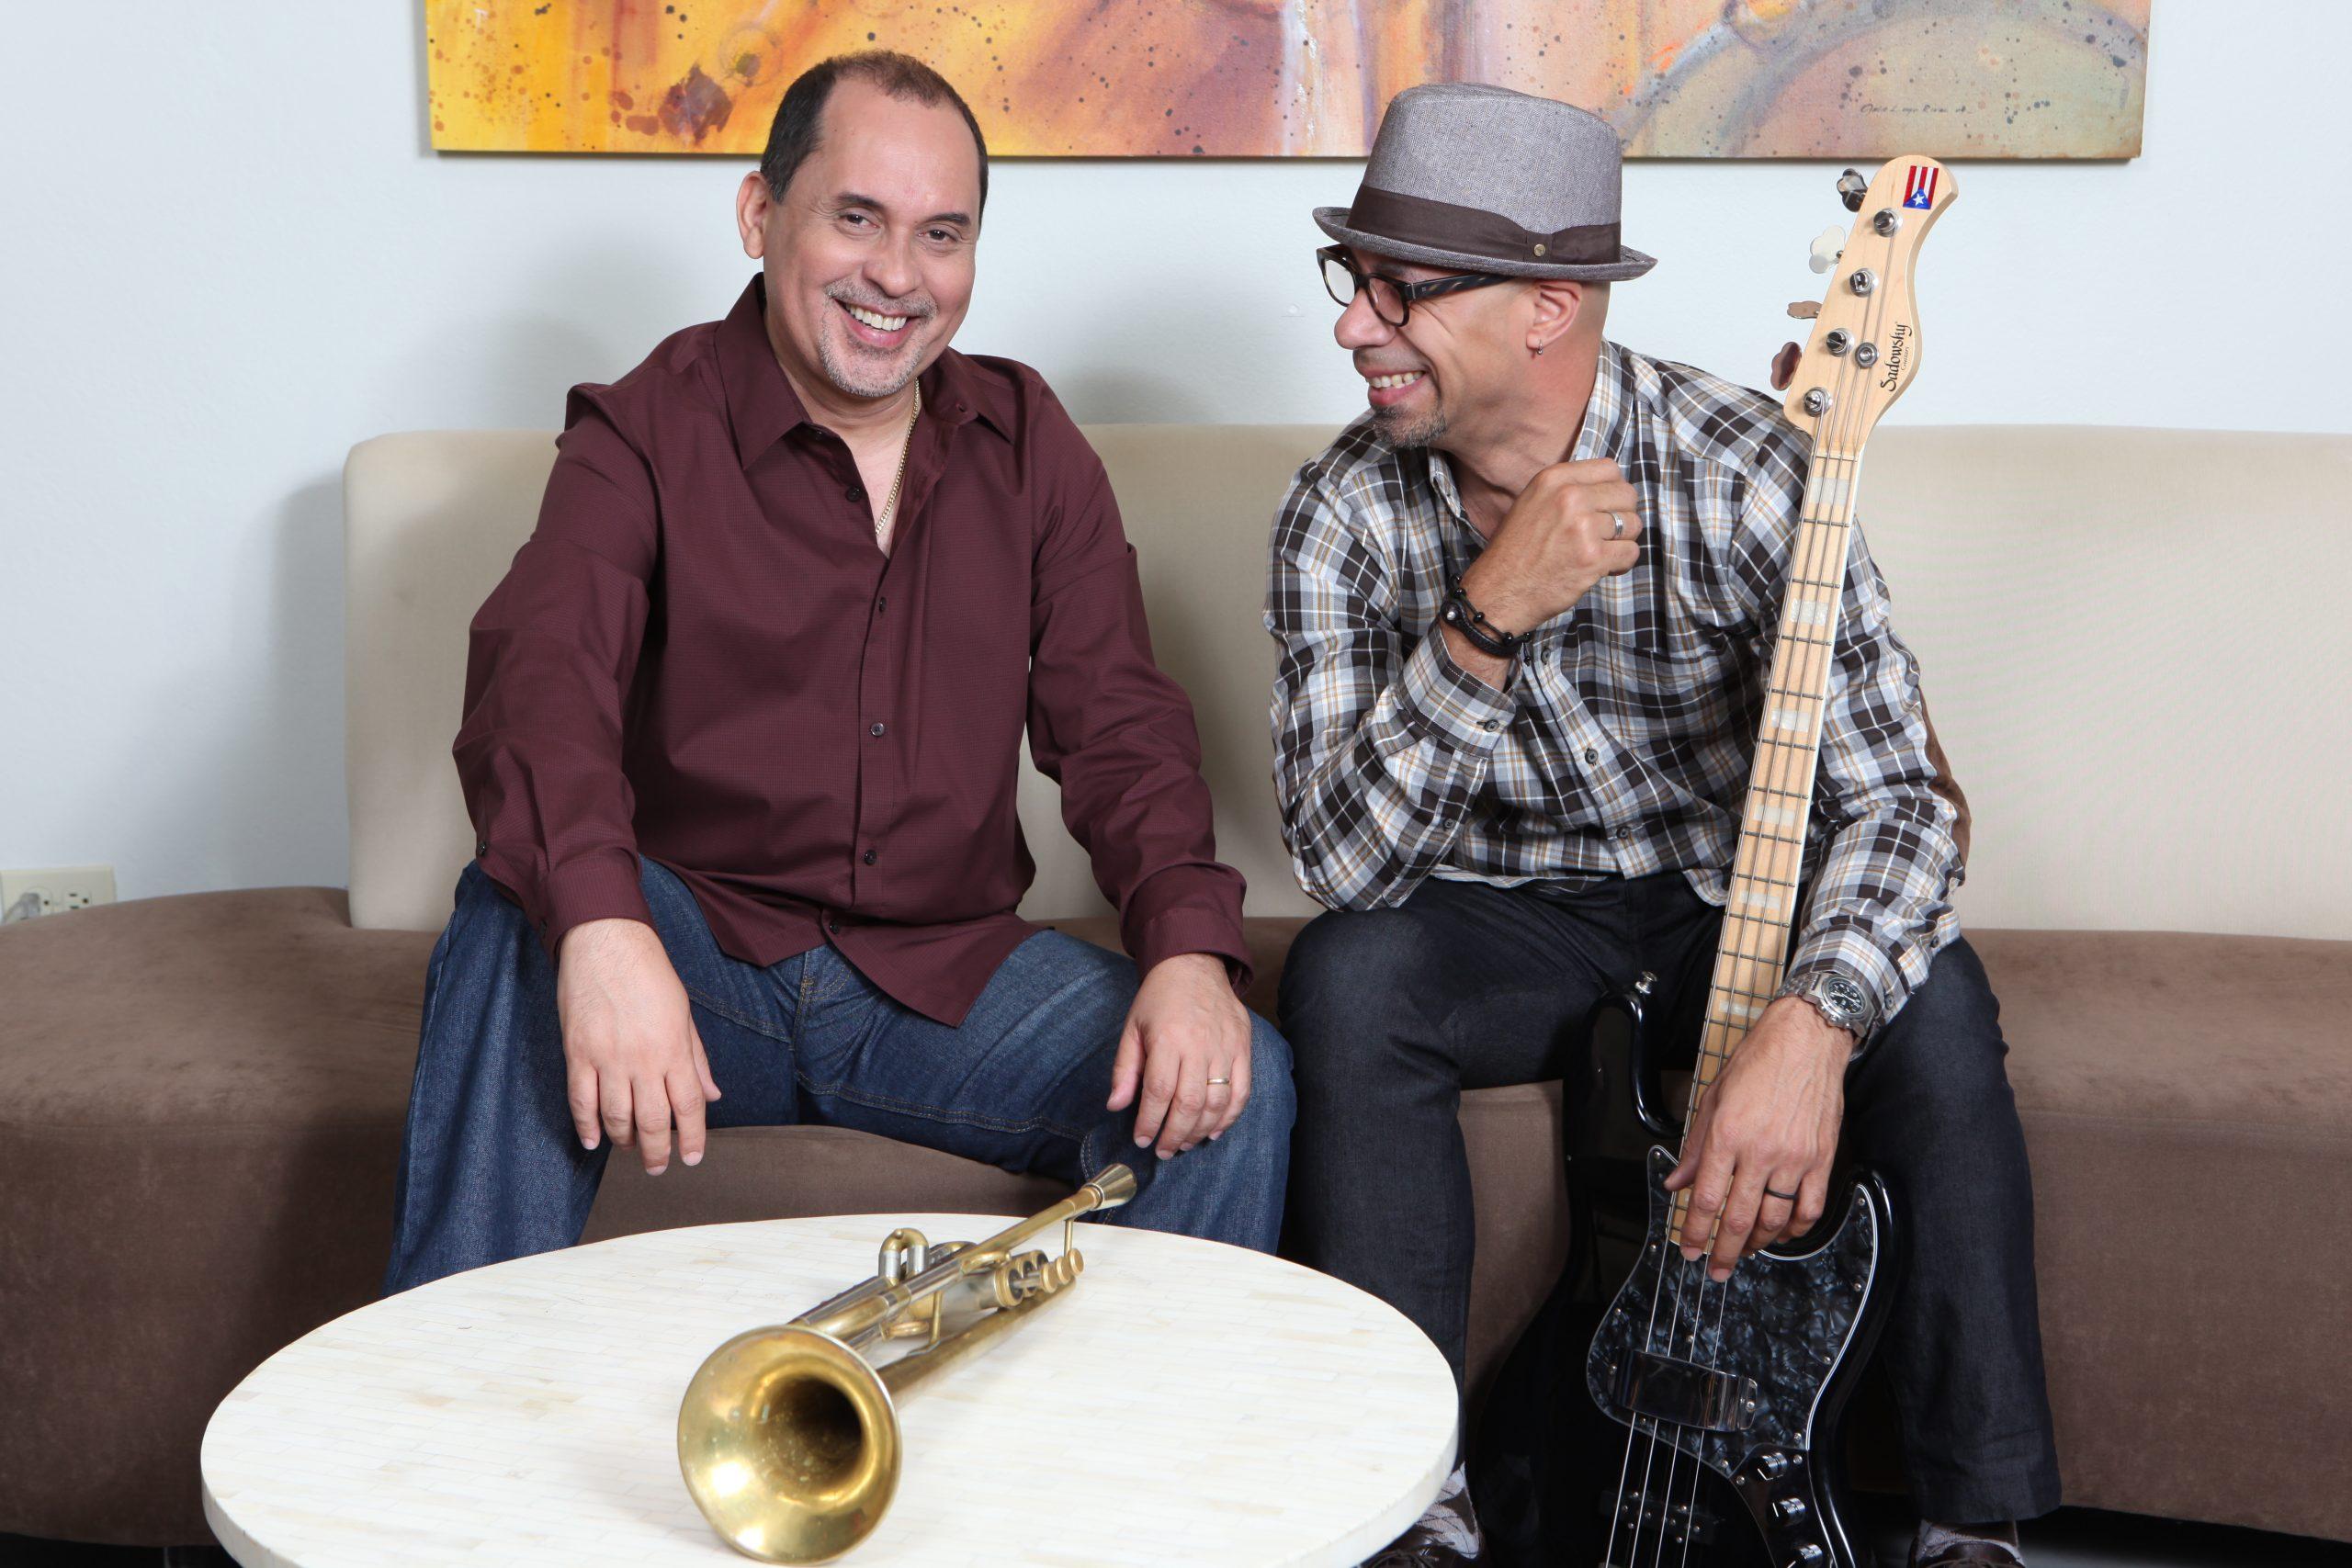 """La grabación """"Lifetime Friends"""" de Humberto Ramírez y Oskar Cartaya fue reconocida por la Fundación Nacional para la Cultura Popular como una de las más sobresalientes de 2015. (Foto suministrada)"""